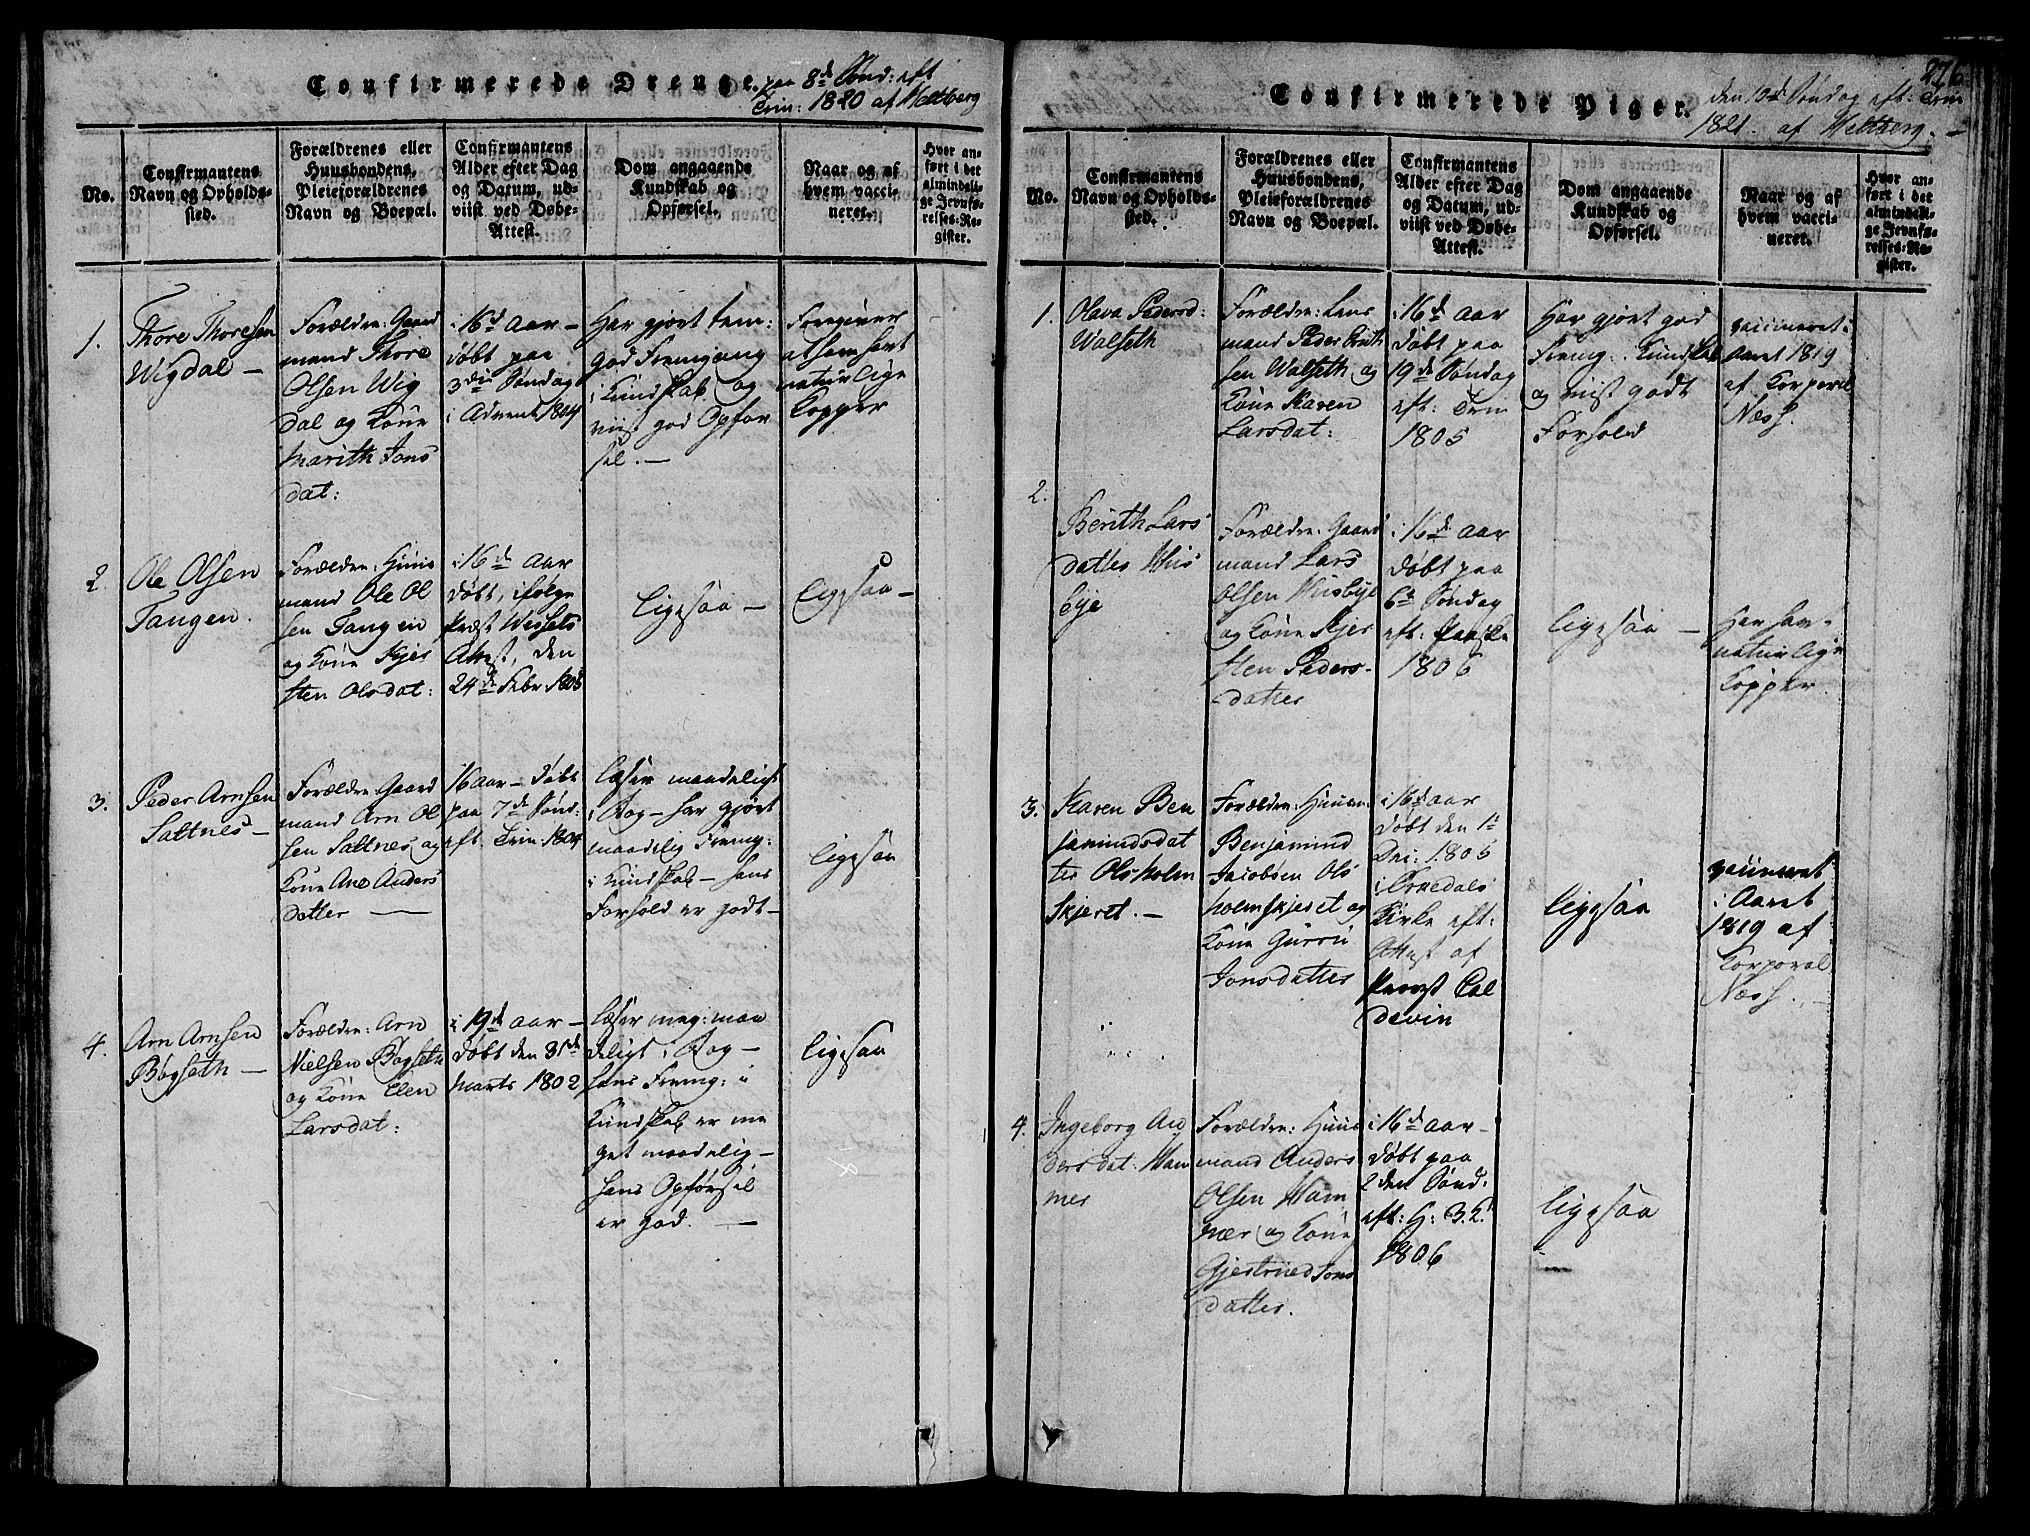 SAT, Ministerialprotokoller, klokkerbøker og fødselsregistre - Sør-Trøndelag, 612/L0373: Ministerialbok nr. 612A06 /2, 1816-1828, s. 276